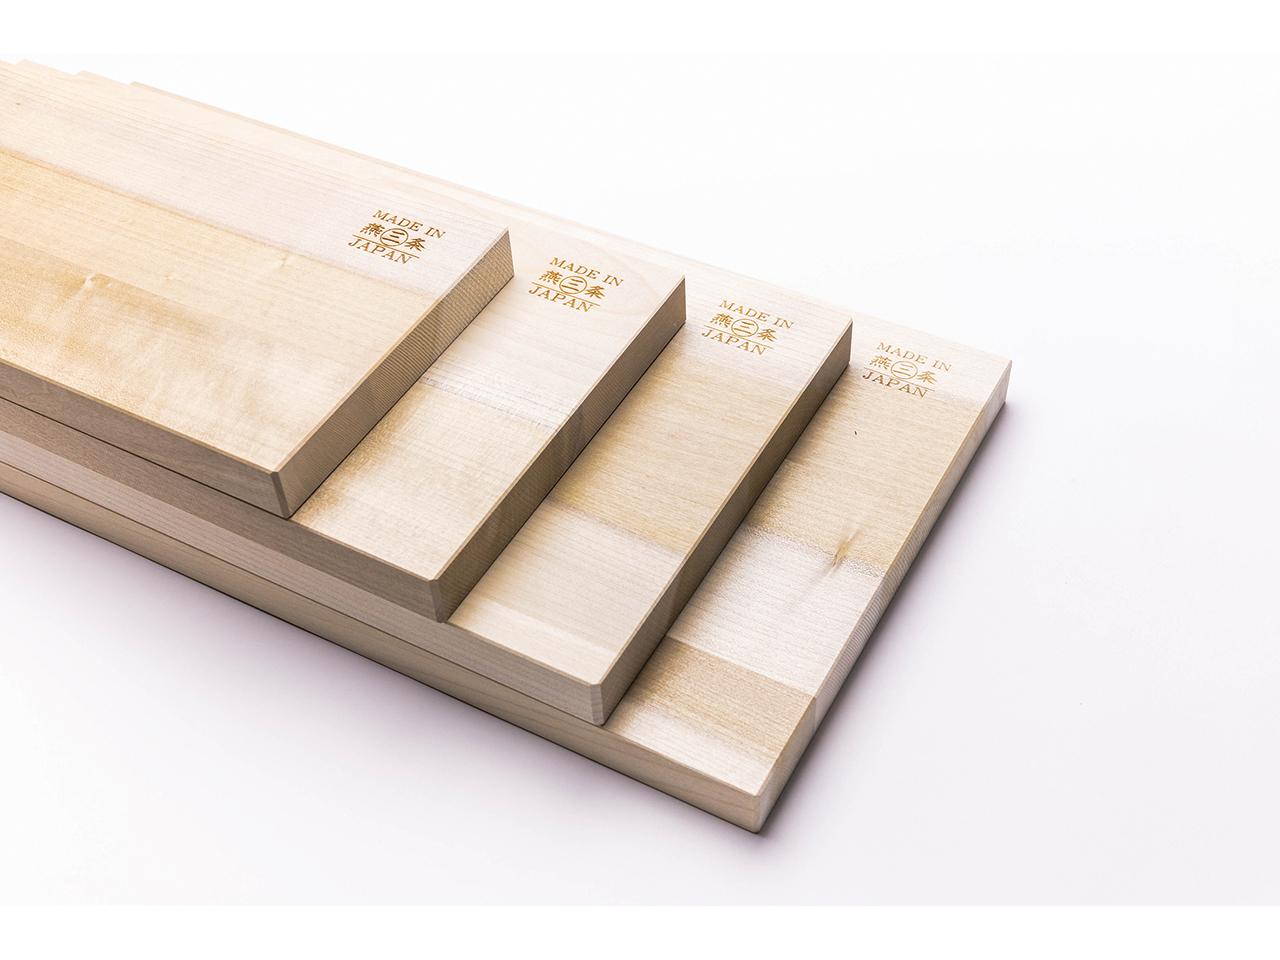 木製まな板 「ほおの木まな板 長さ36×幅18cm(厚み2.4cm)」